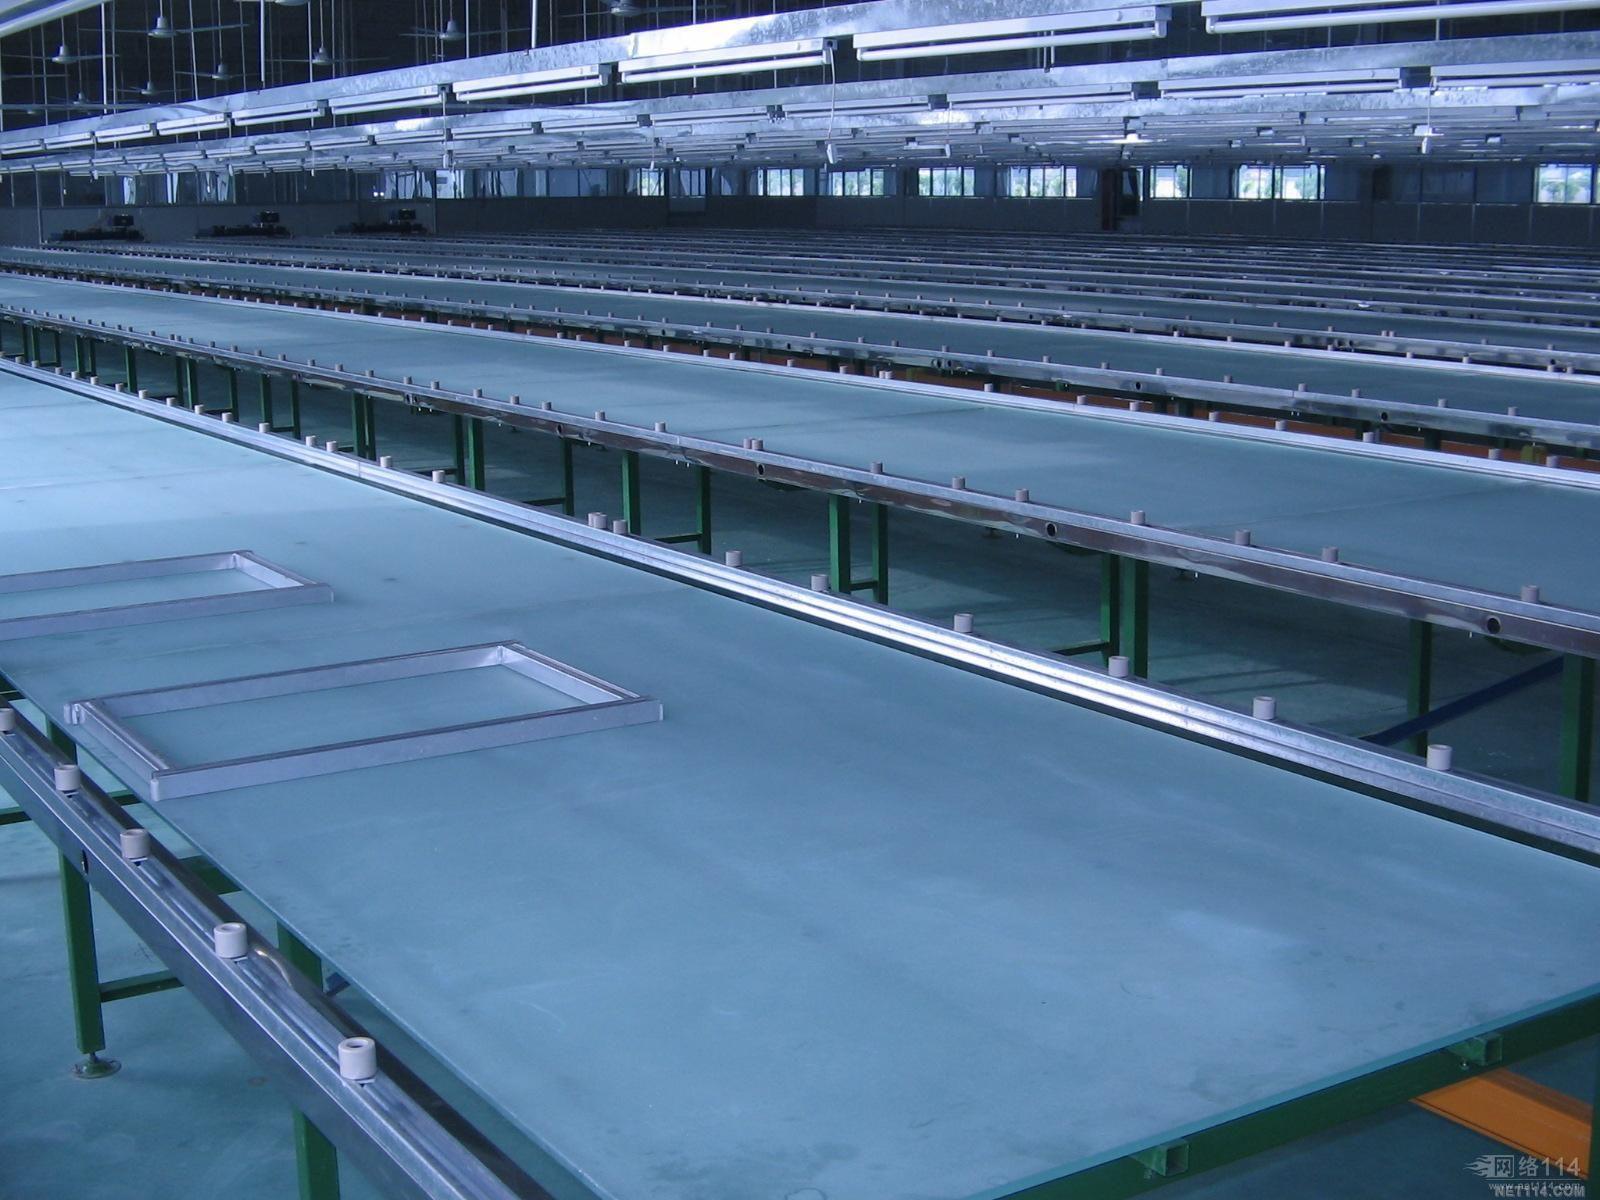 人工印花台板订做 服装印花走台 印花机械